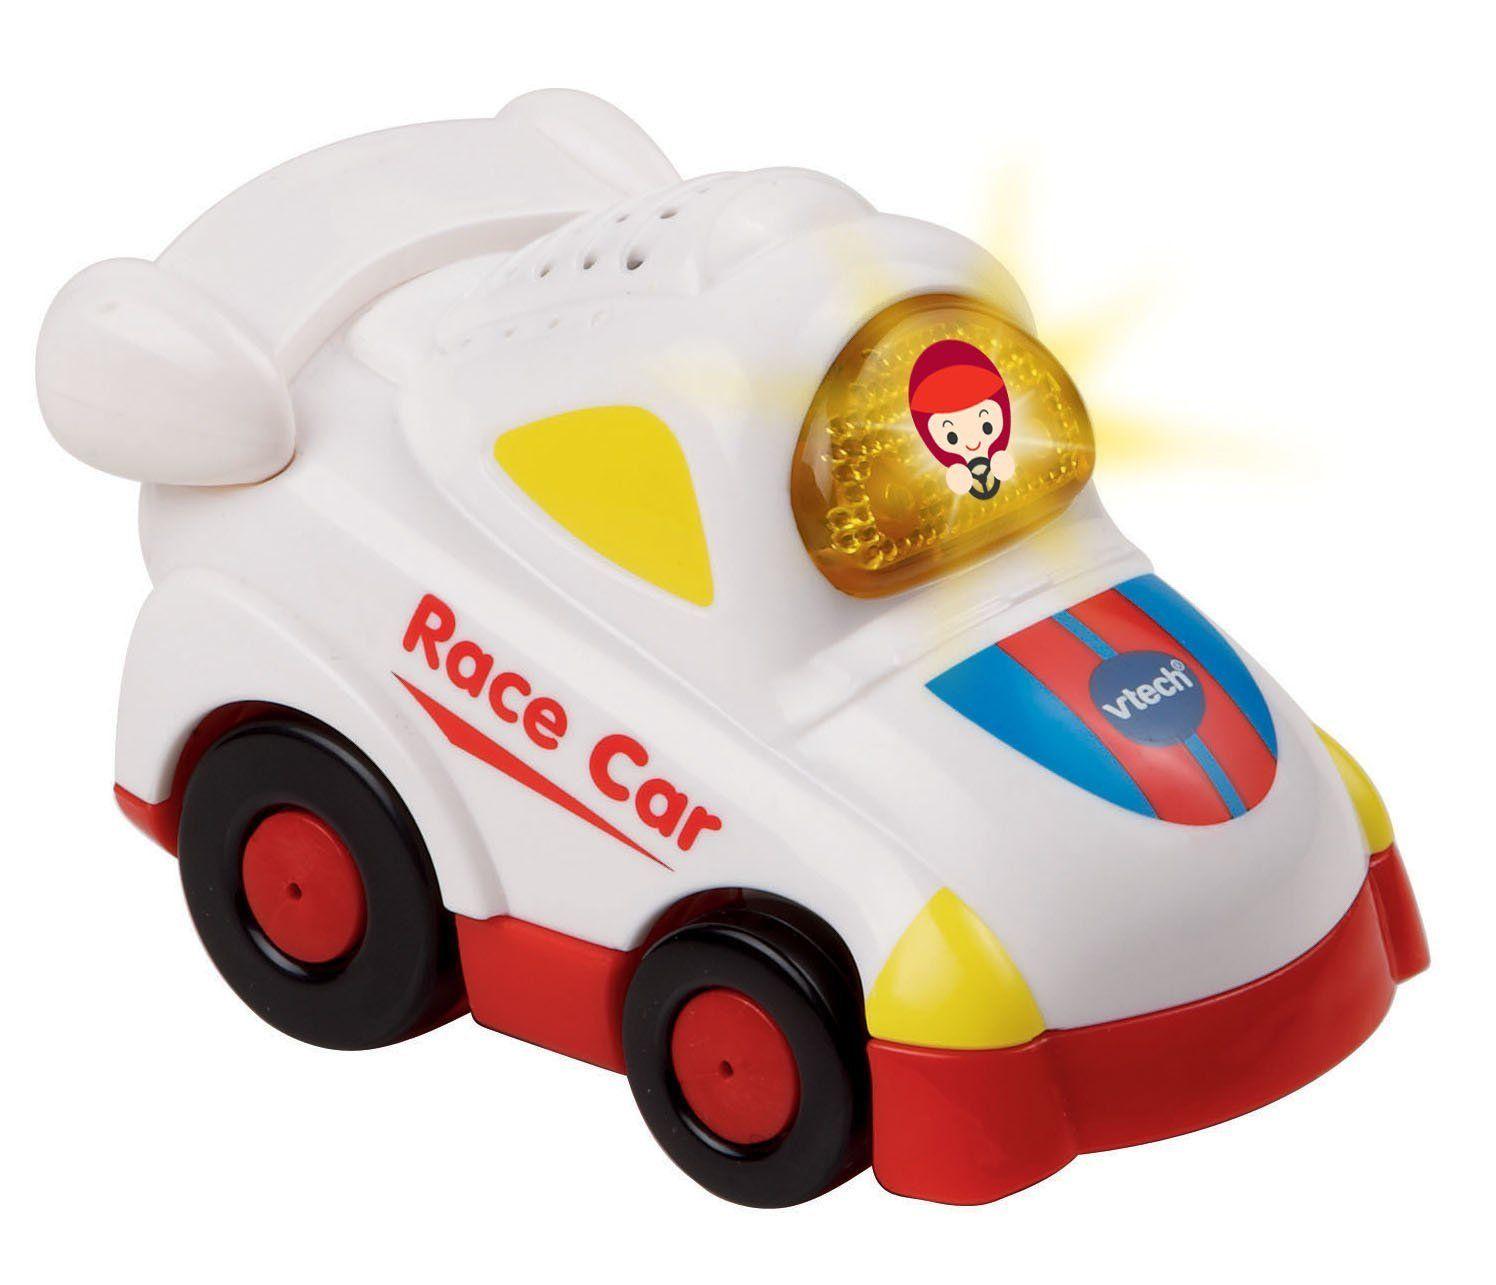 Smart wheels race car ii best stocking stuffers under 10